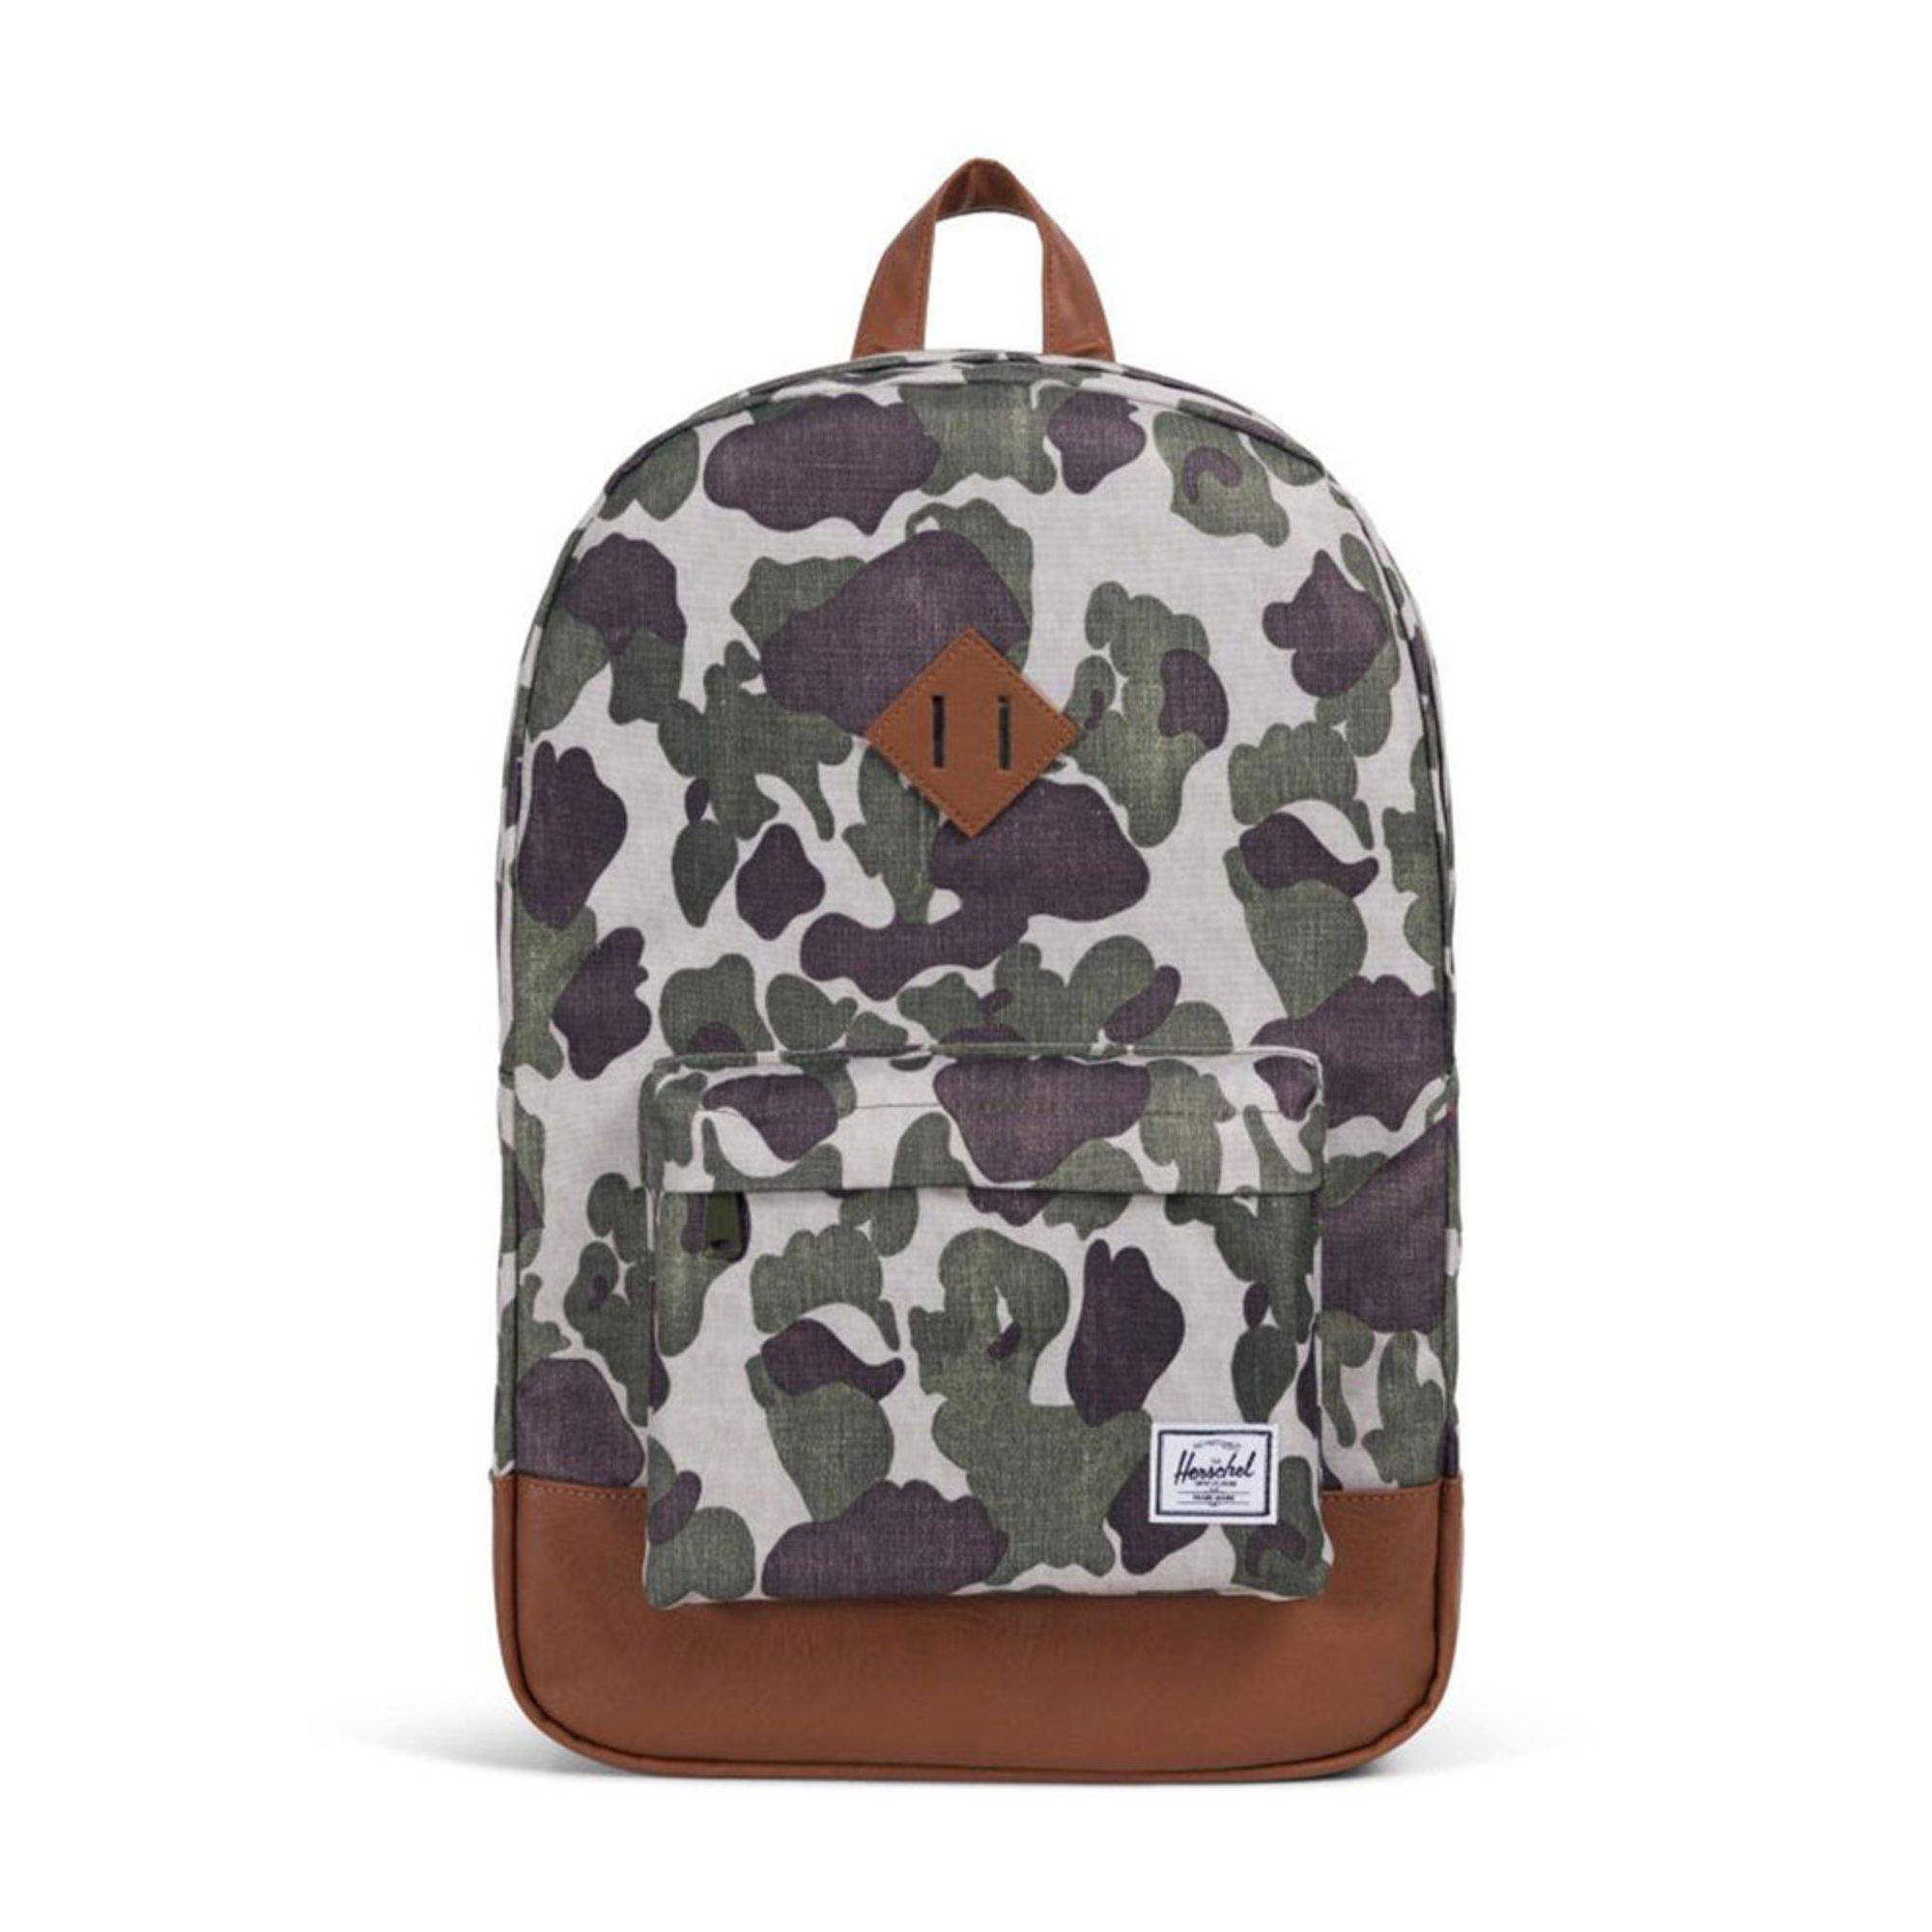 a4ed767906d1 Herschel. Herschel Heritage Backpack